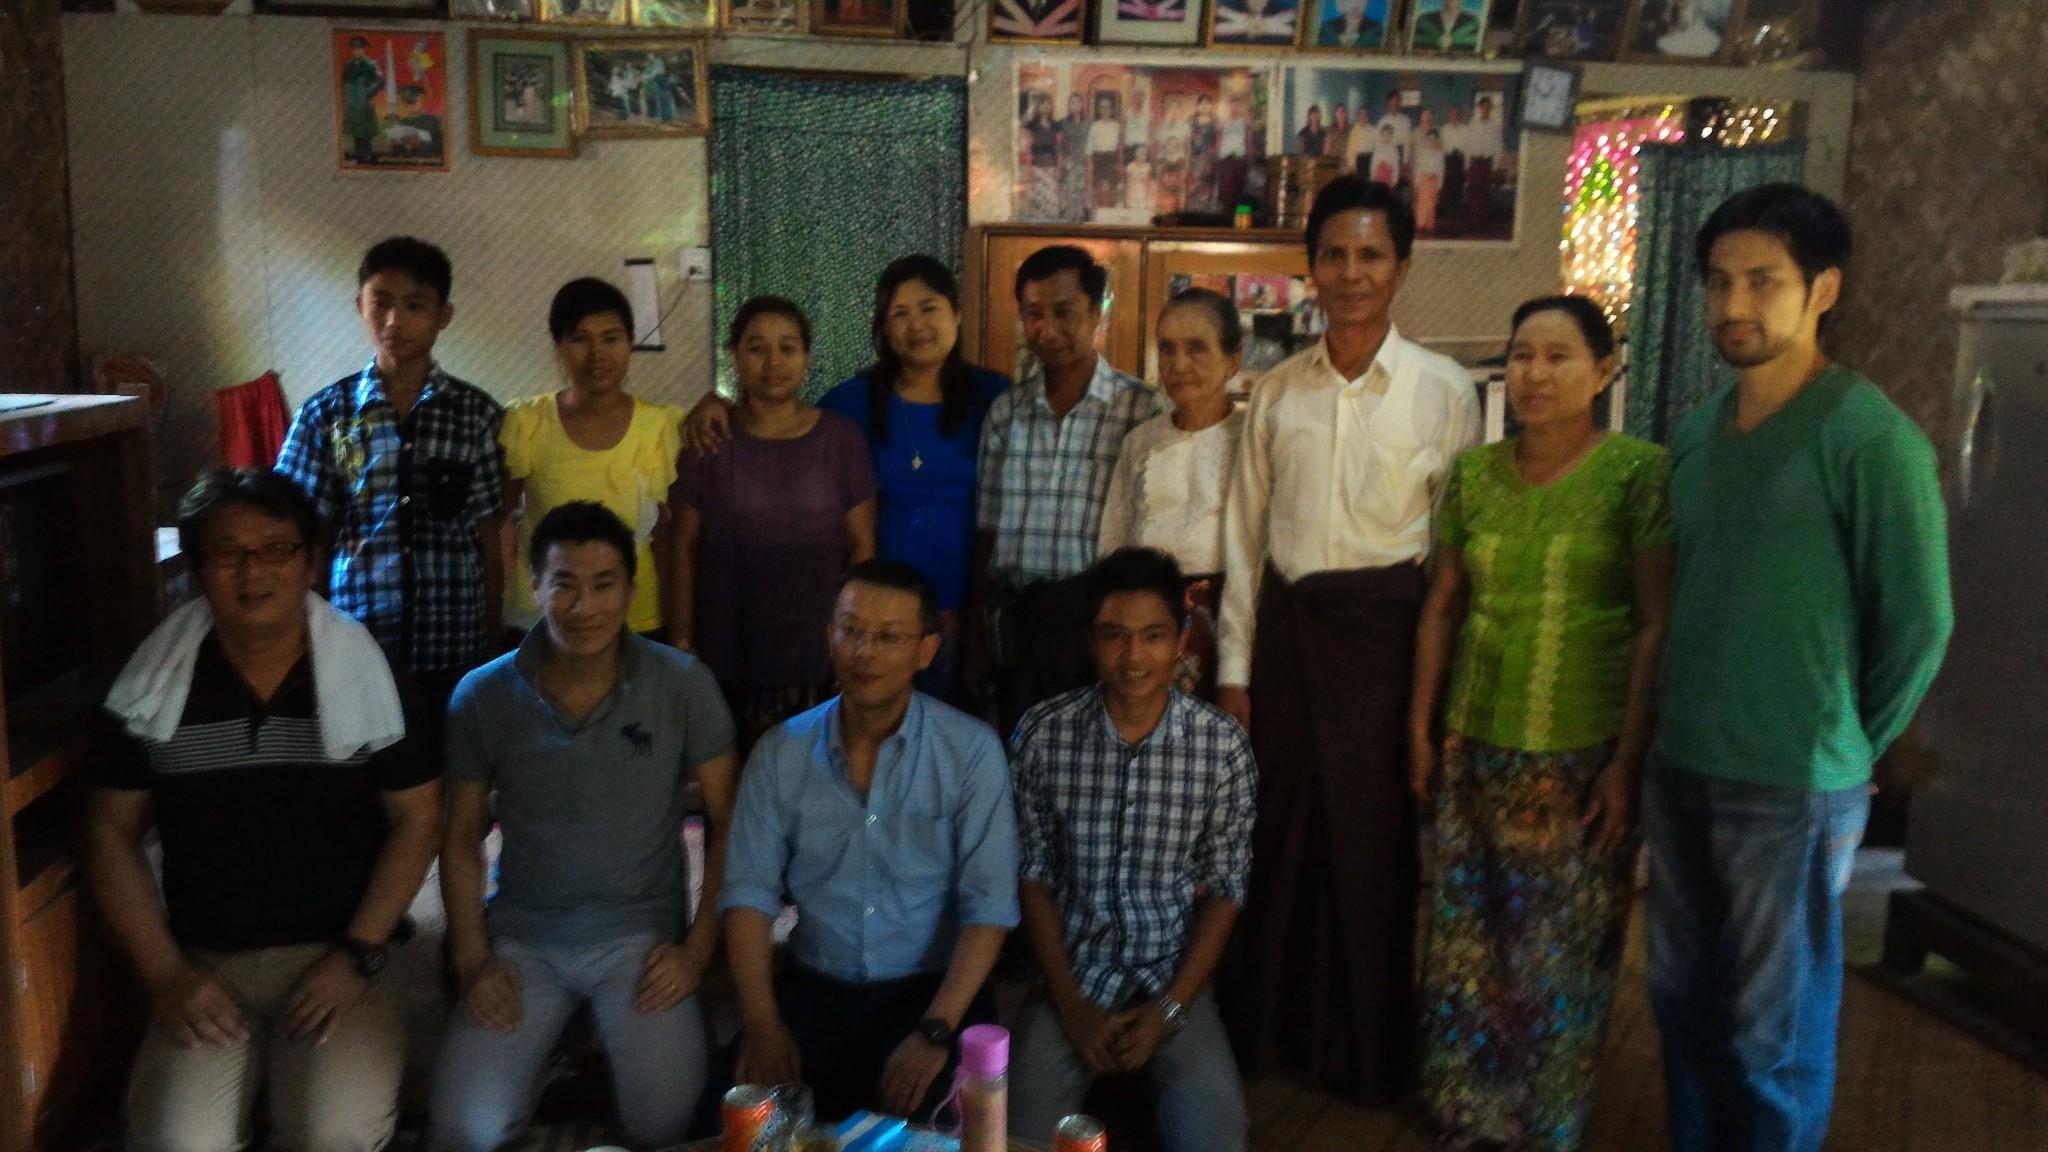 バゴーの街からさらに行った村の実習生の家庭を訪問